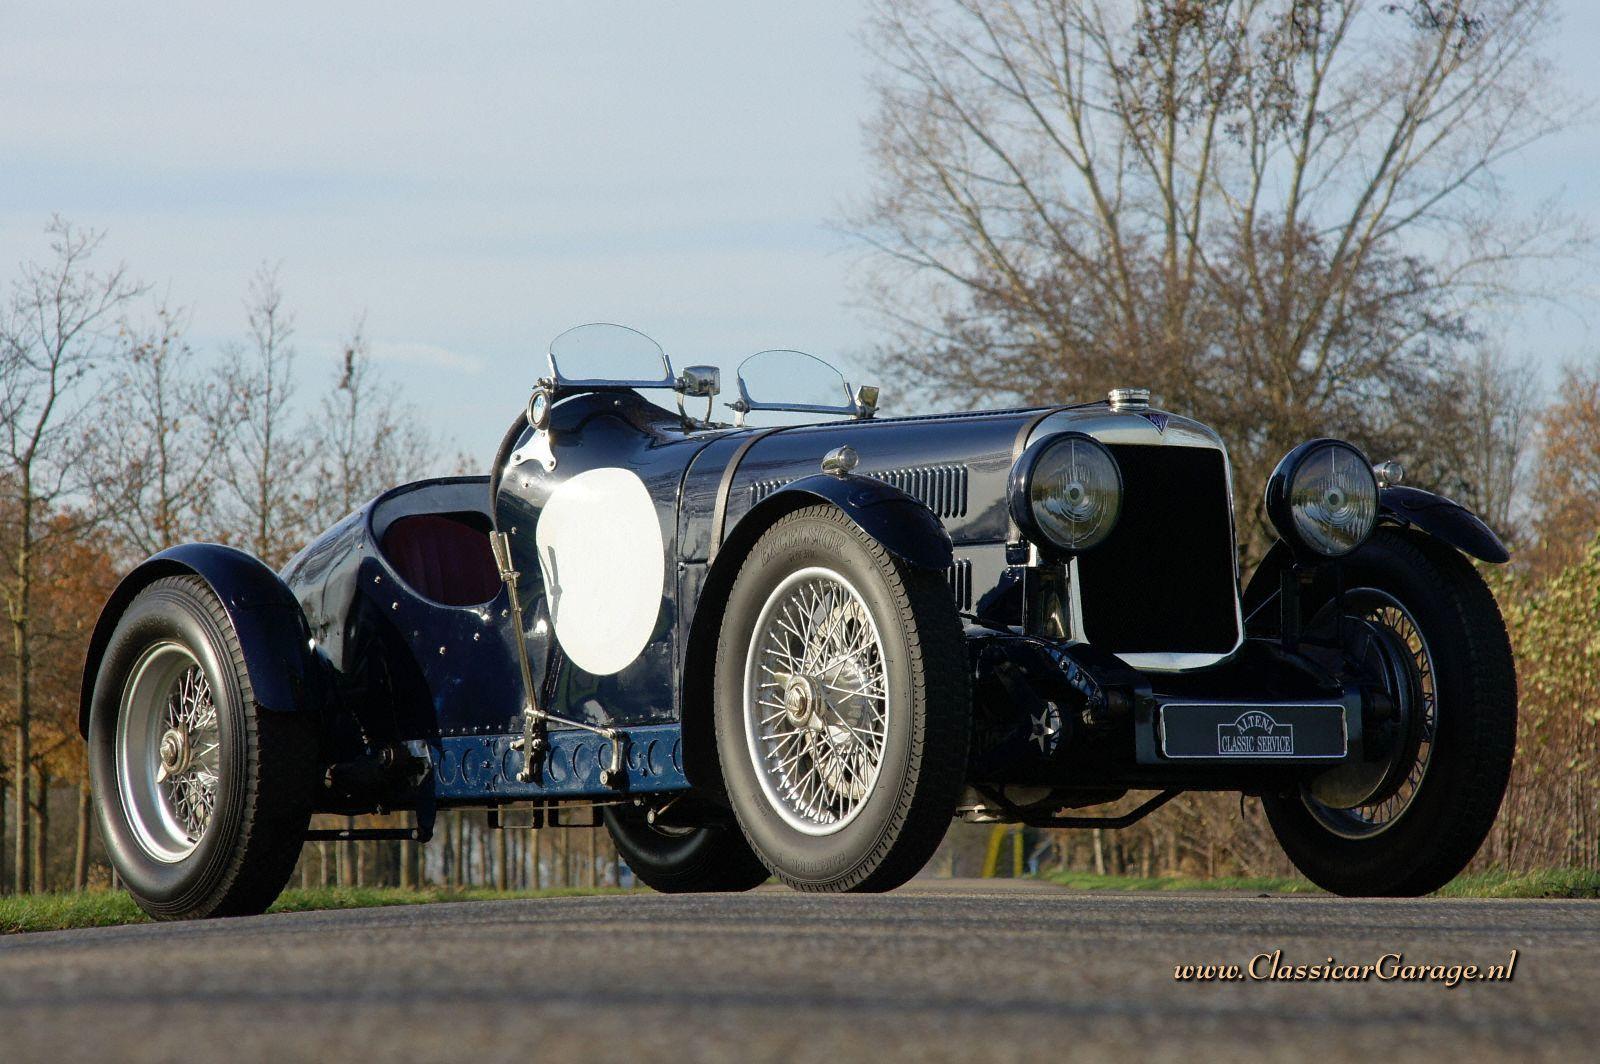 Car Garages Alvis Silver Eagle Special 1935 Details